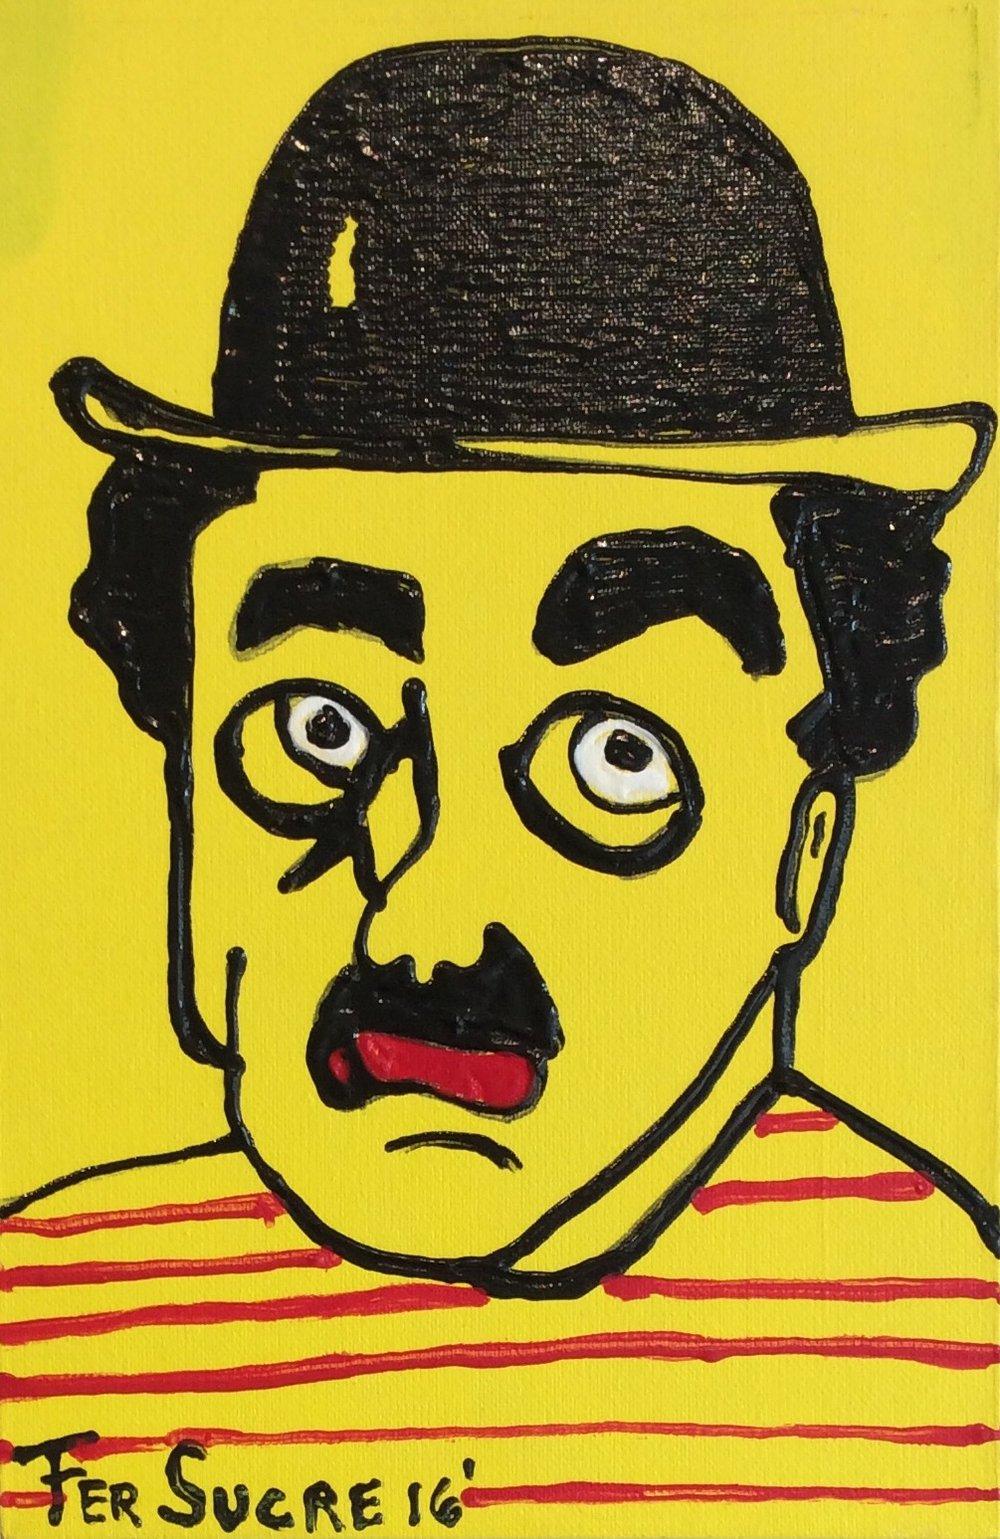 D-Gallerie_Fer Sucre_ Charlie Chaplin_8_x12__Acrylic _ Plastic on Canvas_2016_$350.jpg